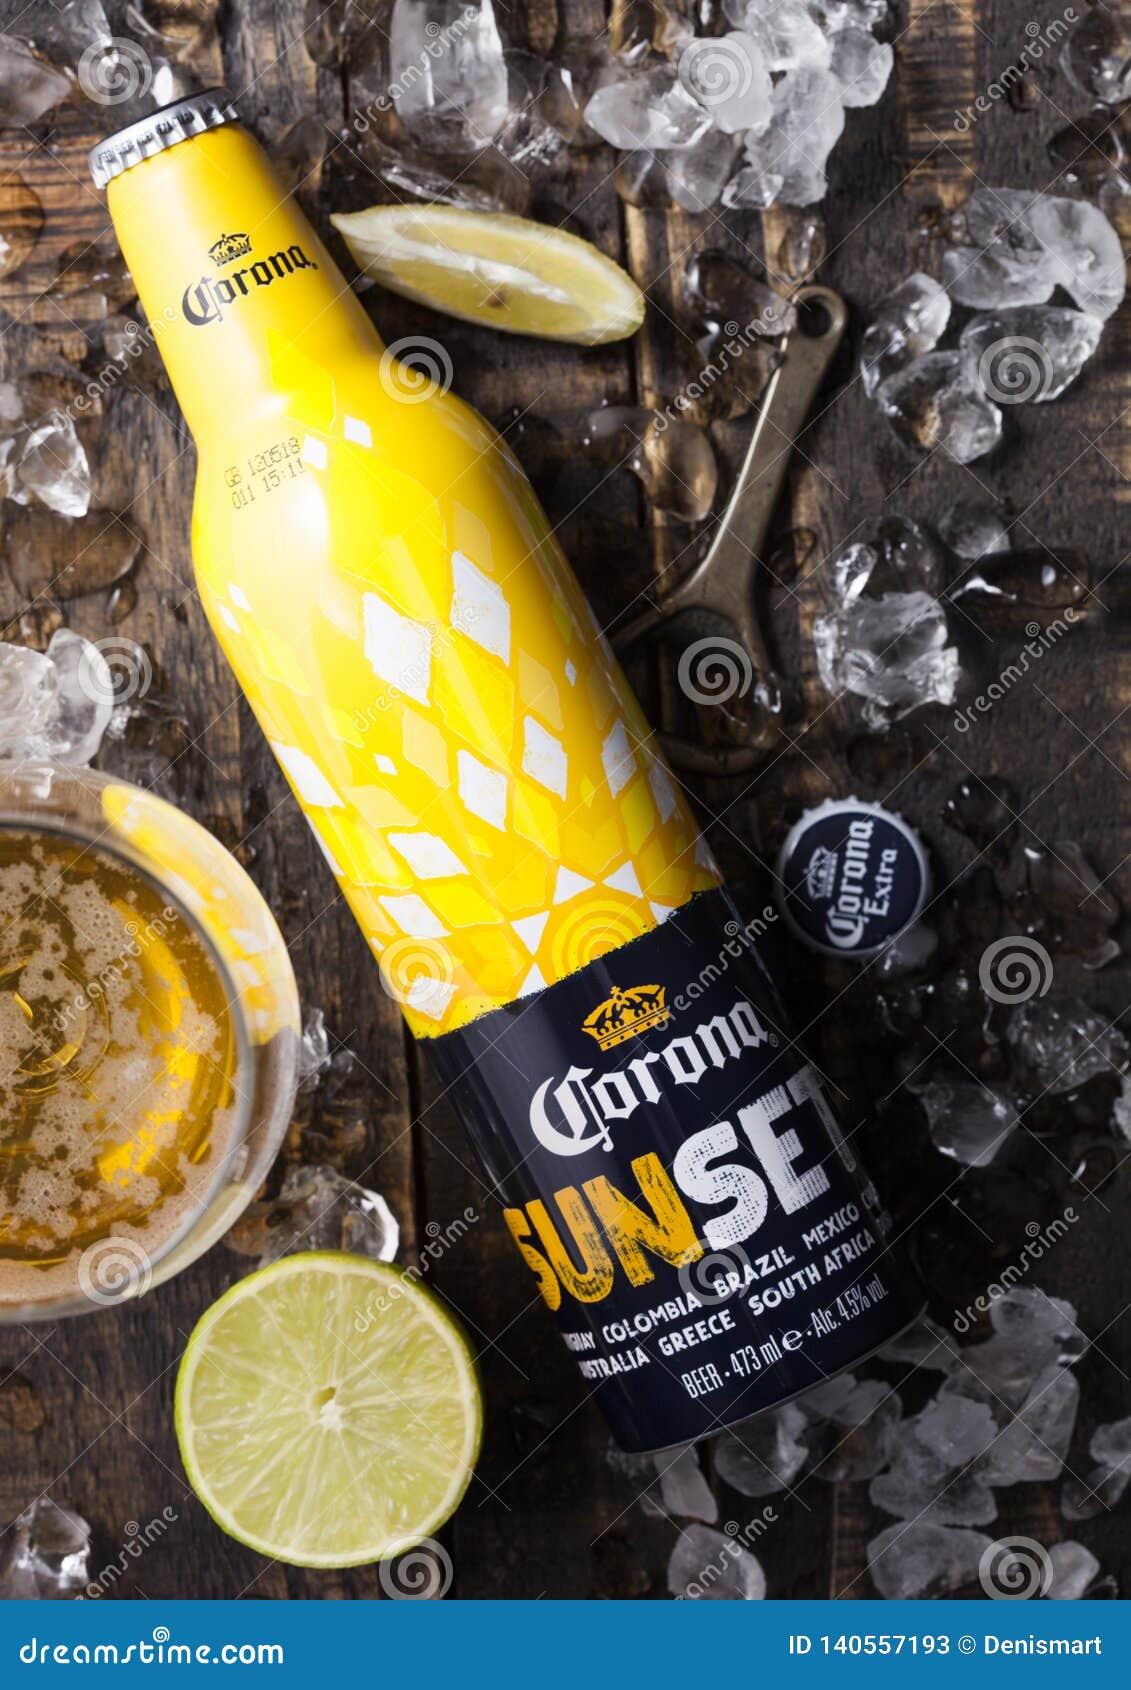 LONDRA, REGNO UNITO - 6 FEBBRAIO 2019: Bottiglia d acciaio di Corona Extra Beer Sunset Edition su fondo di legno con le apribotti